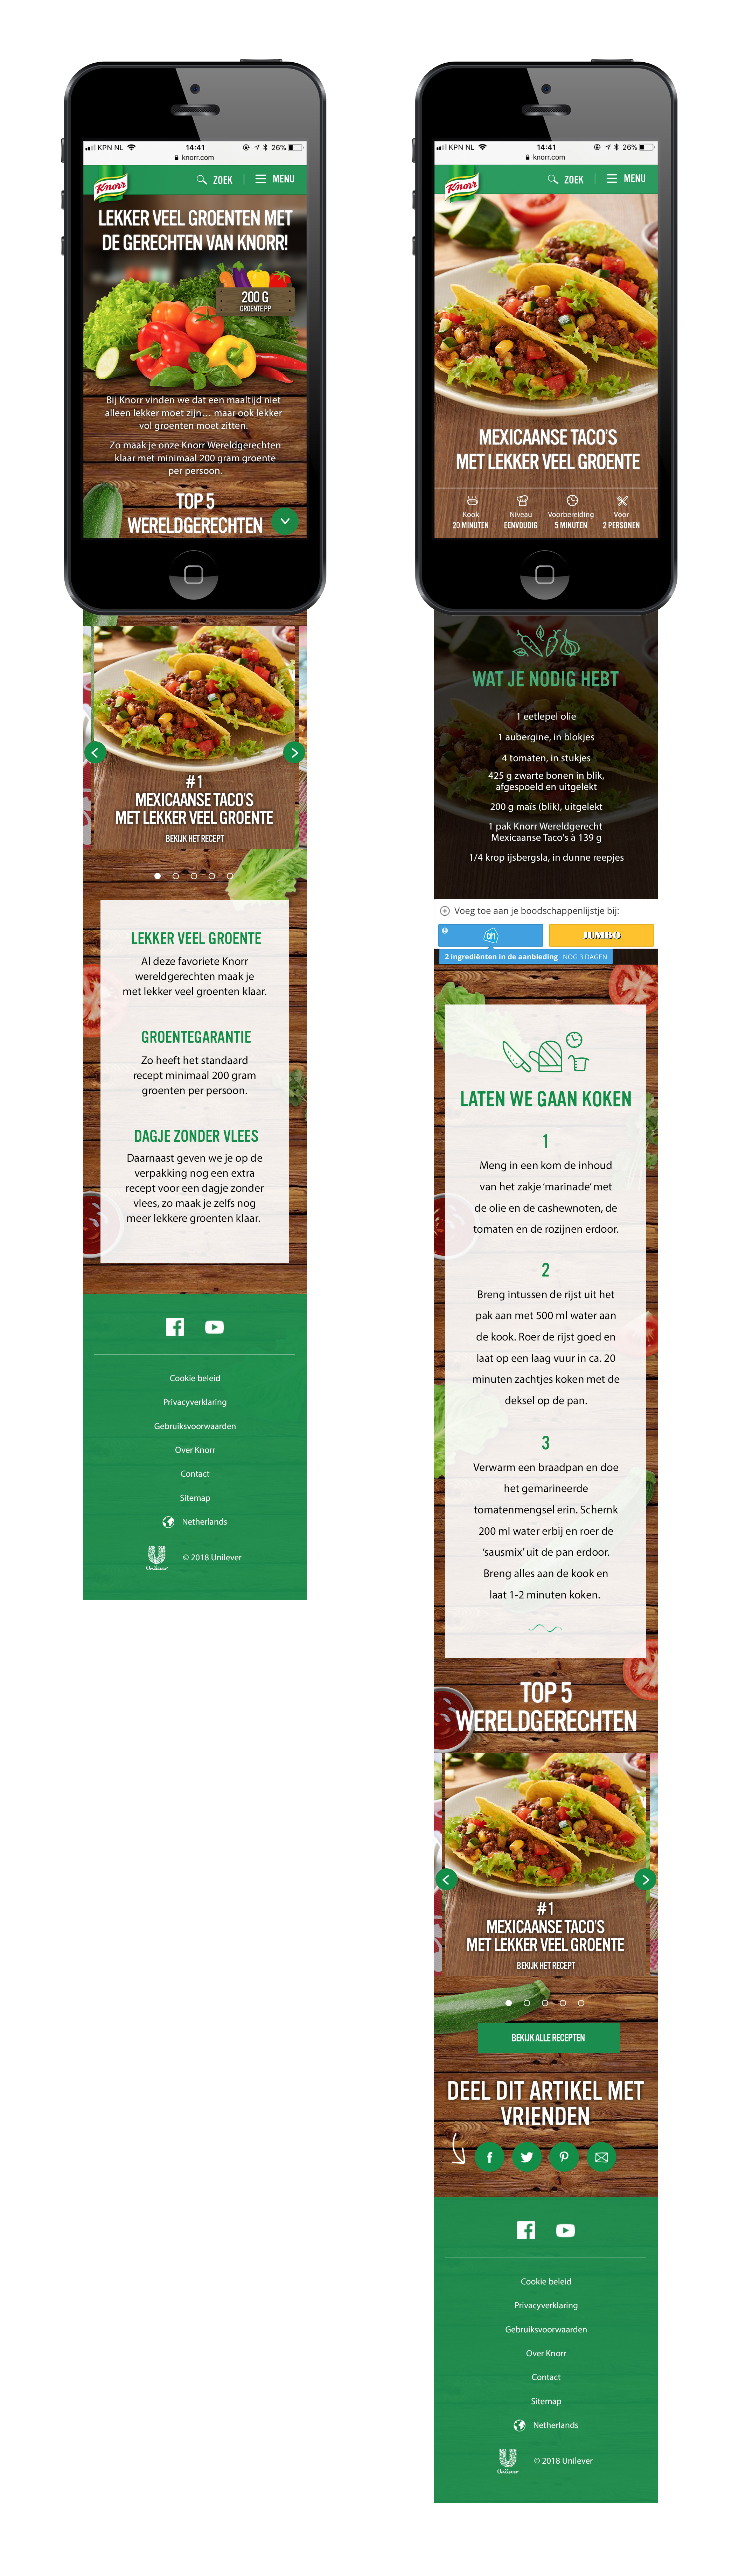 KNORR_Lekker_veel_groente_Alles_Mobile